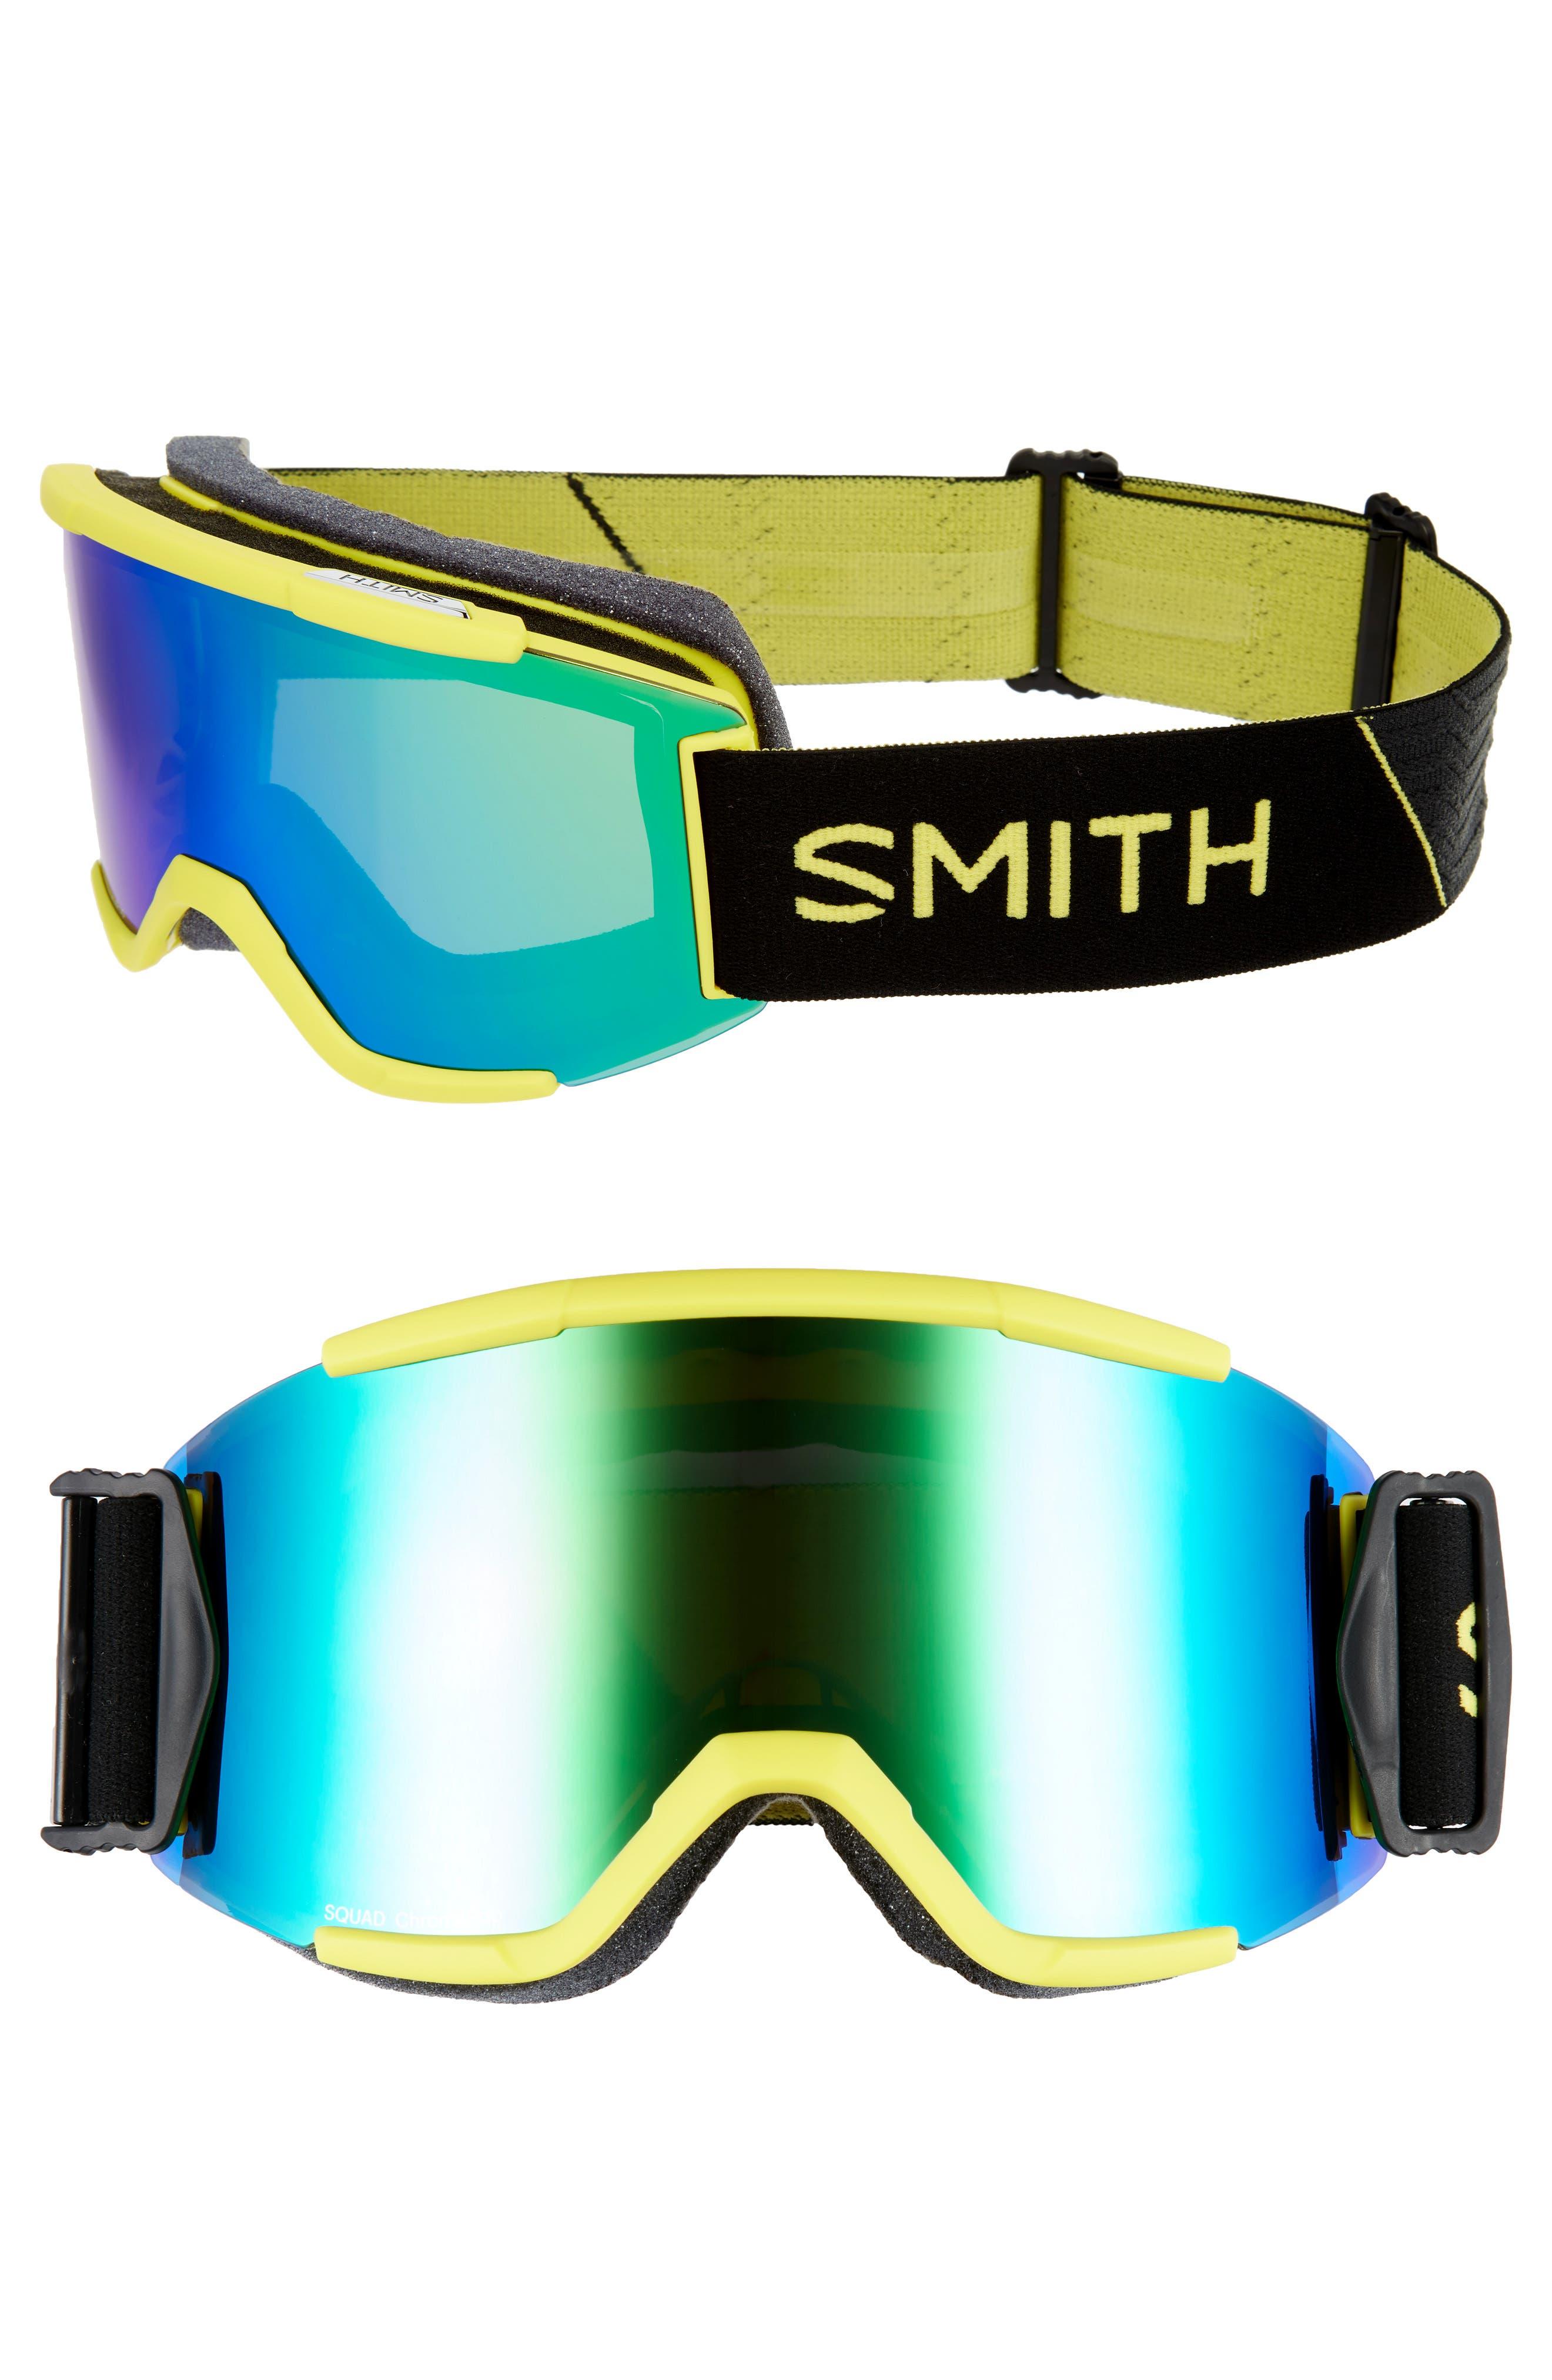 Squad Chromapop 180mm Snow Goggles,                             Main thumbnail 1, color,                             CITRON GLOW